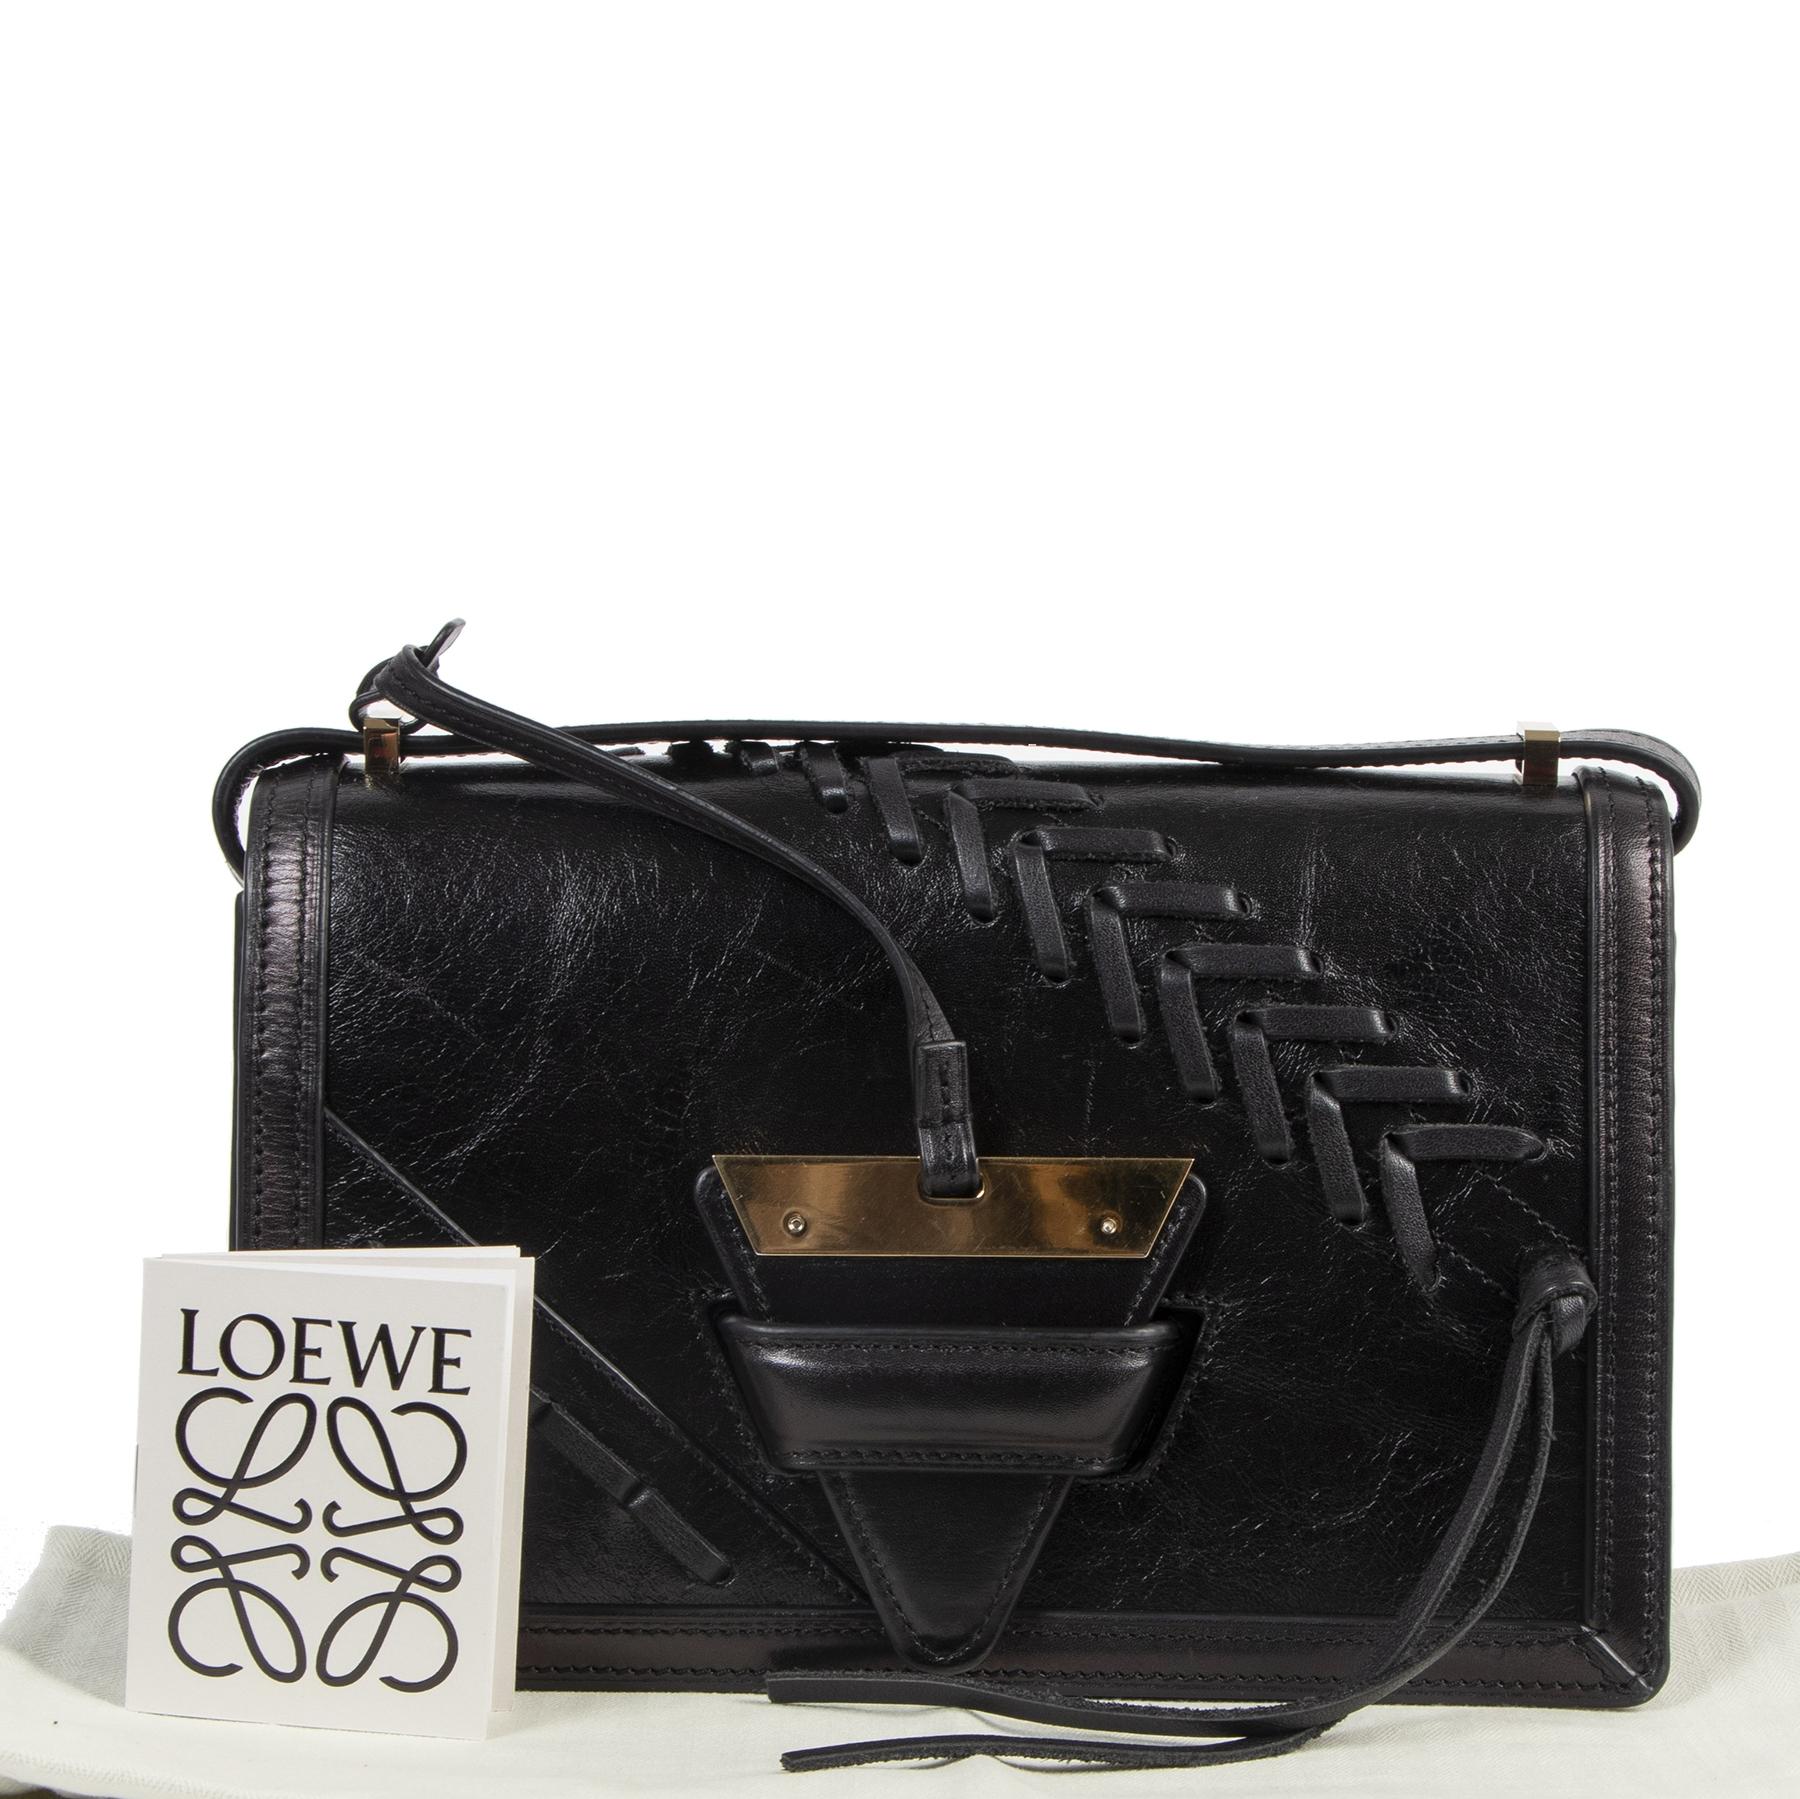 Authentic secondhand Loewe Black Barcelona Shoulder Bag designer bags fashion luxury vintage webshop safe secure online shopping